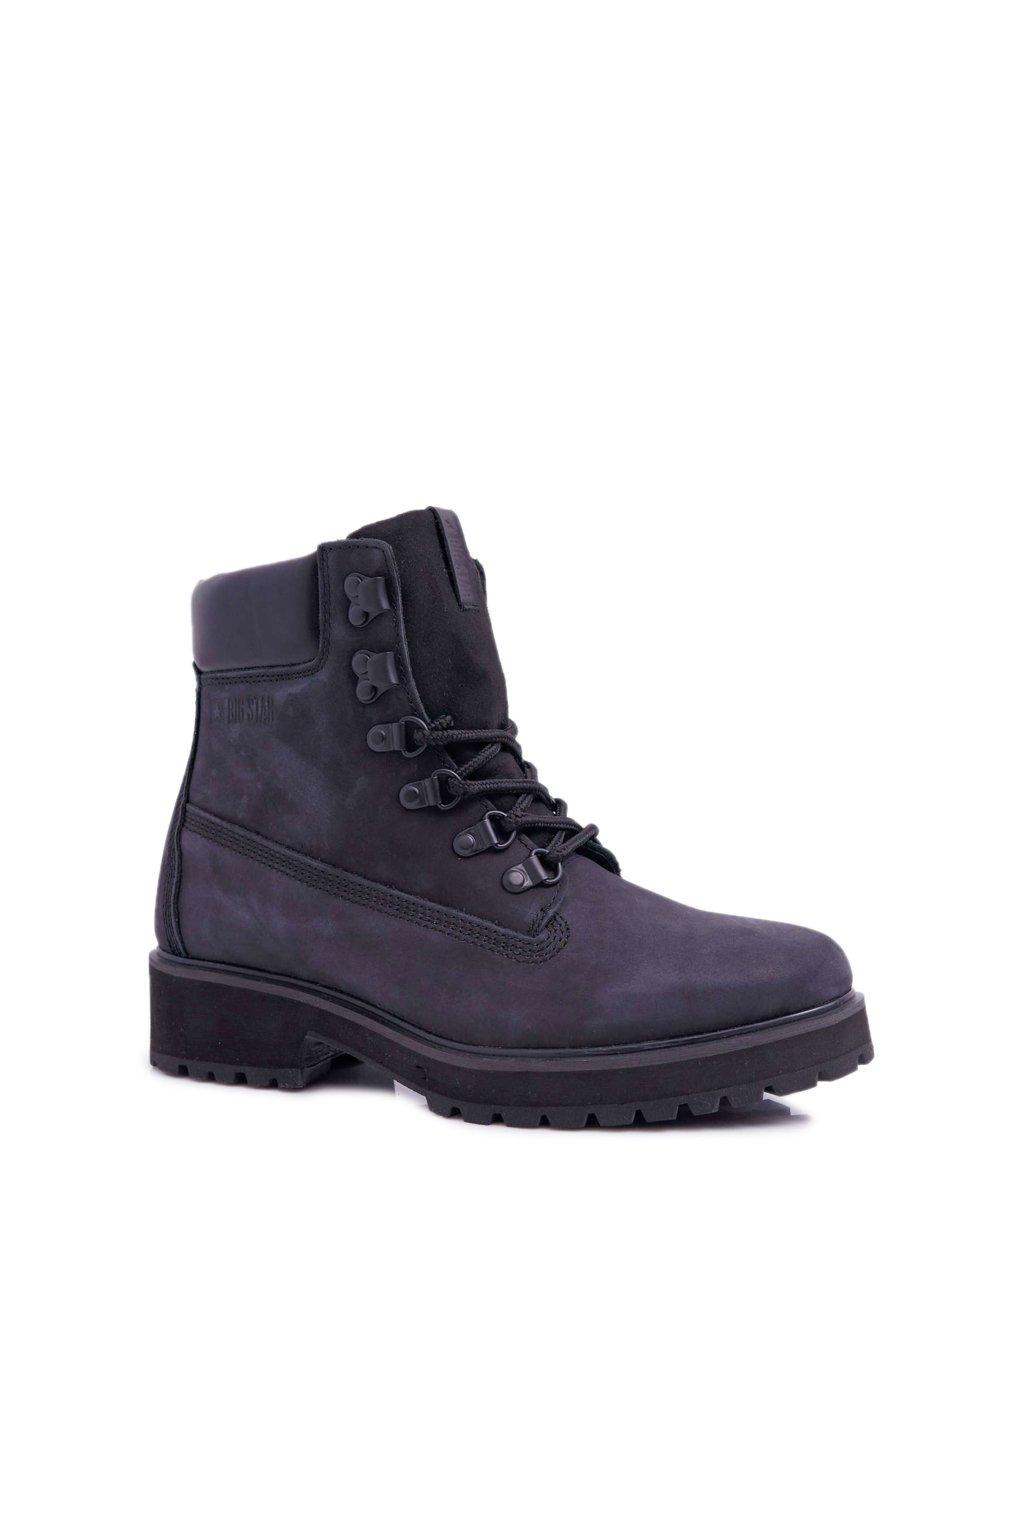 Členkové topánky na podpätku farba čierna kód obuvi EE274033 BLK